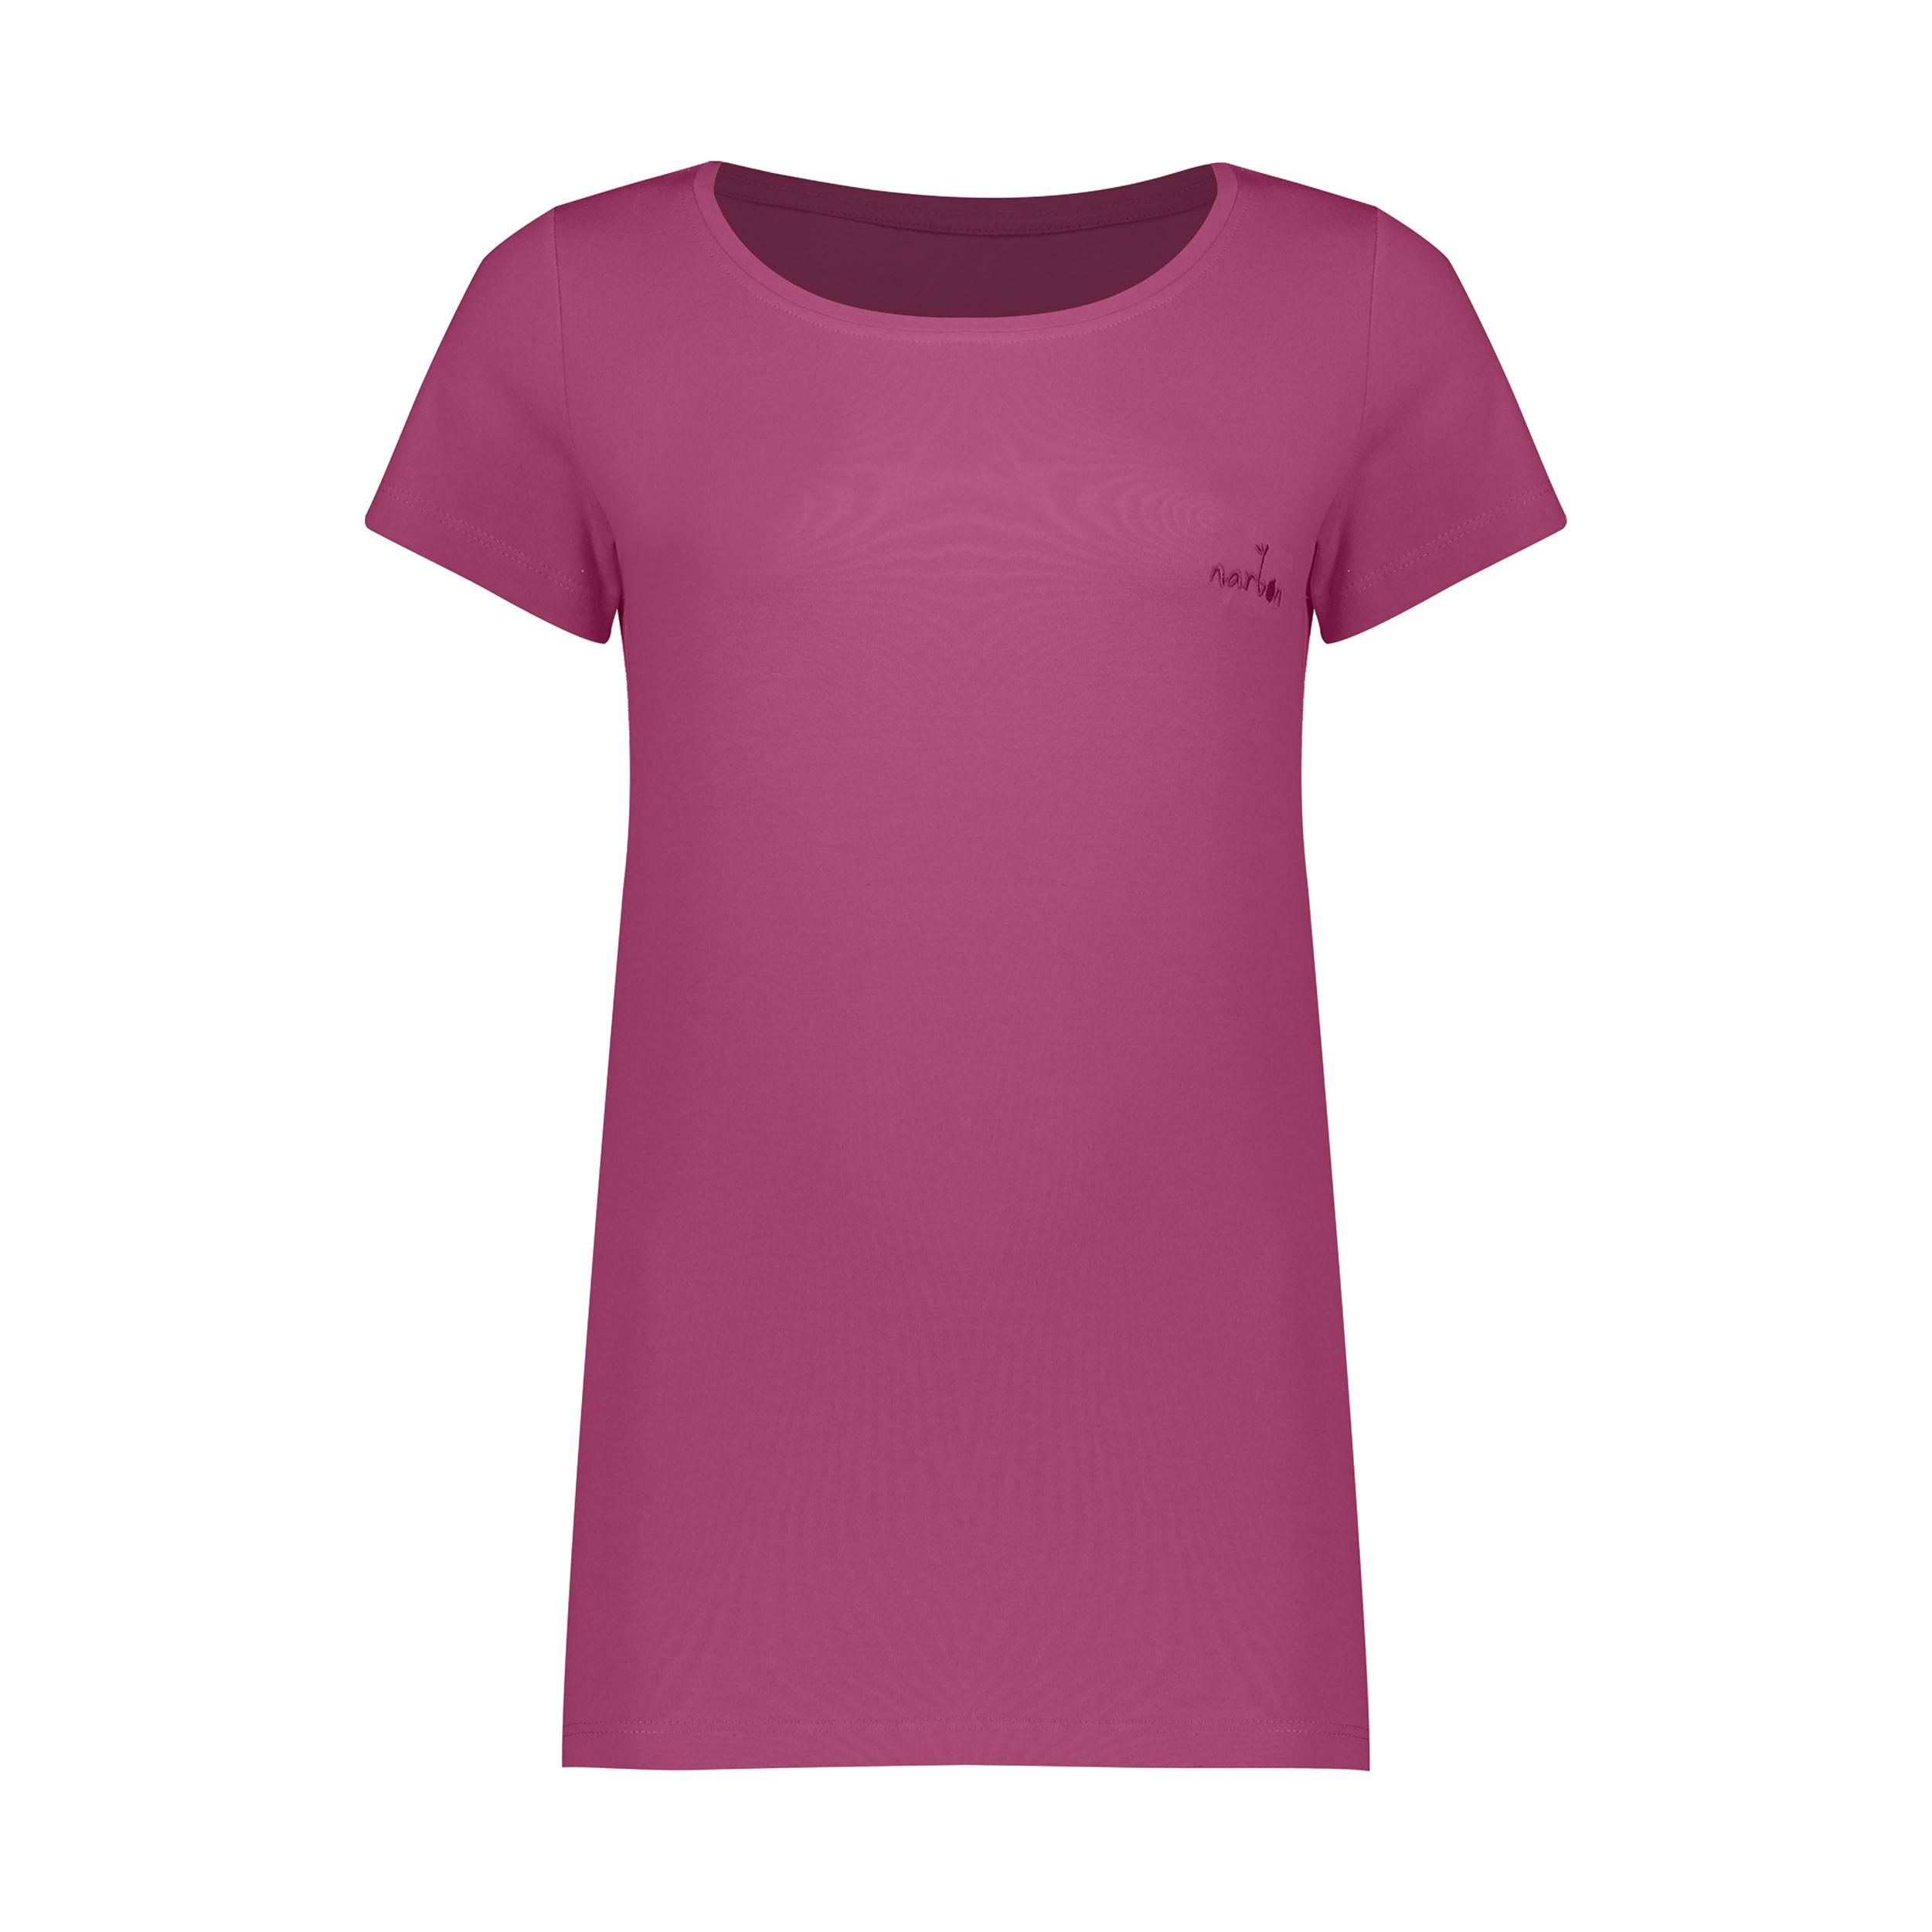 تی شرت زنانه ناربن مدل 1521232-71